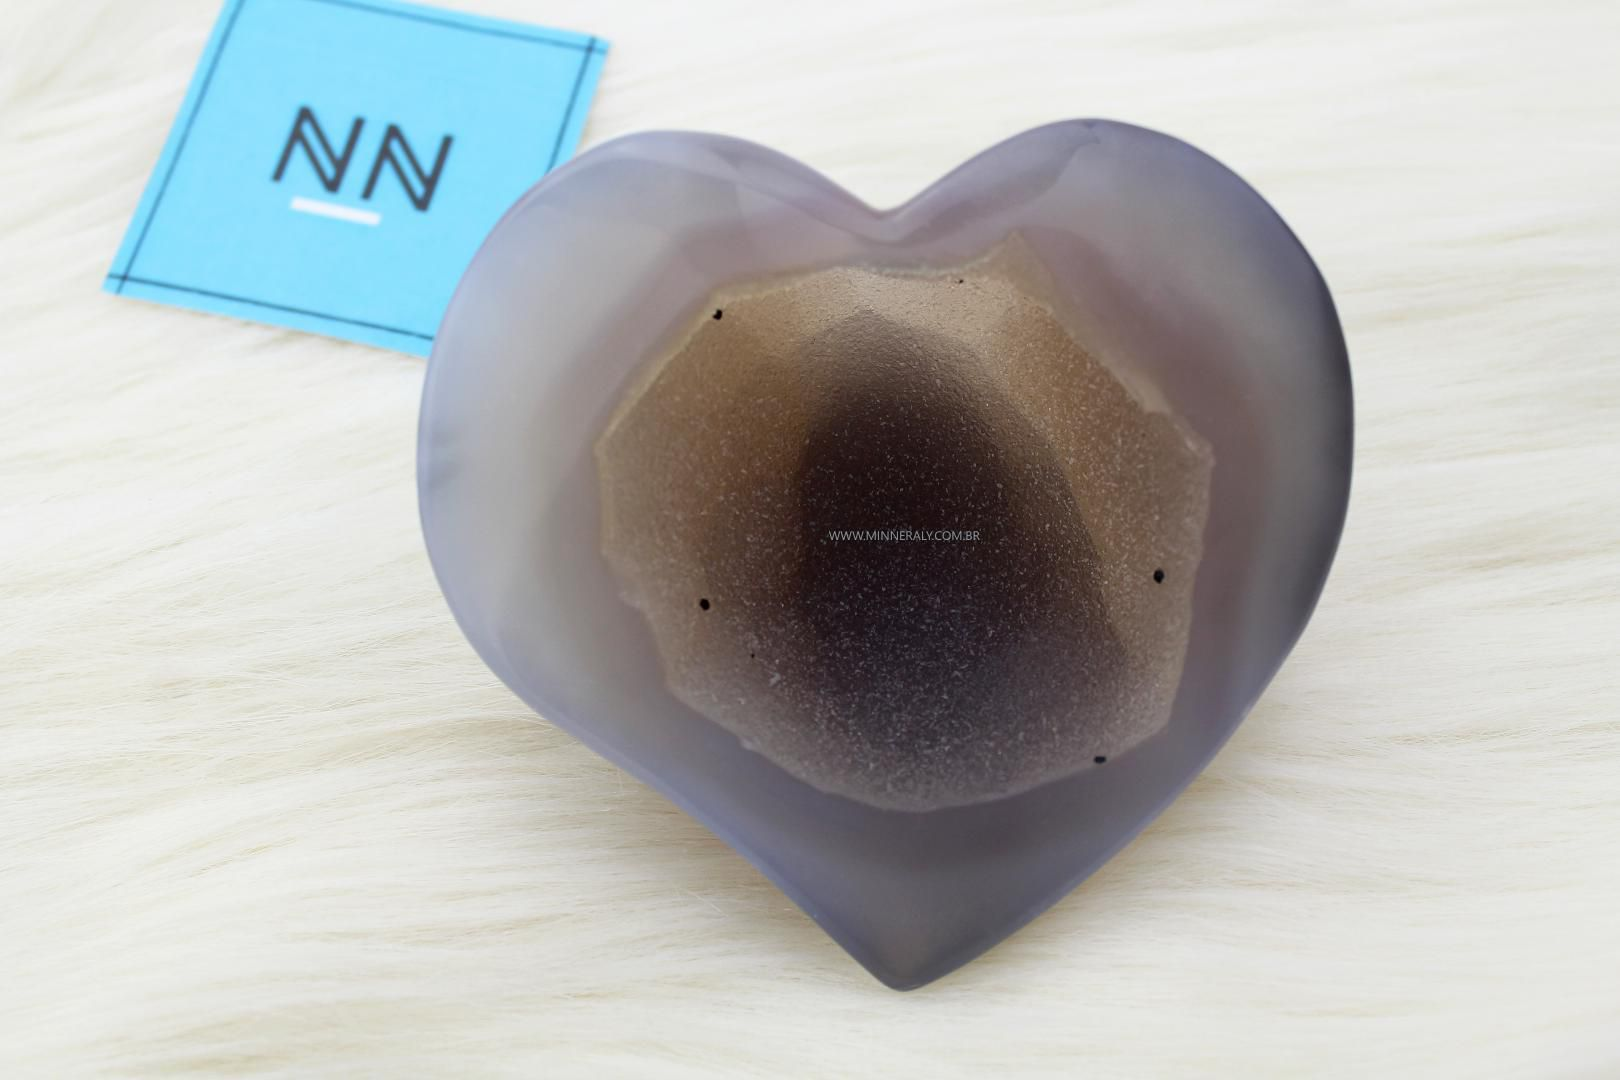 Coração de Geodo de Ágata in Natura #NN132